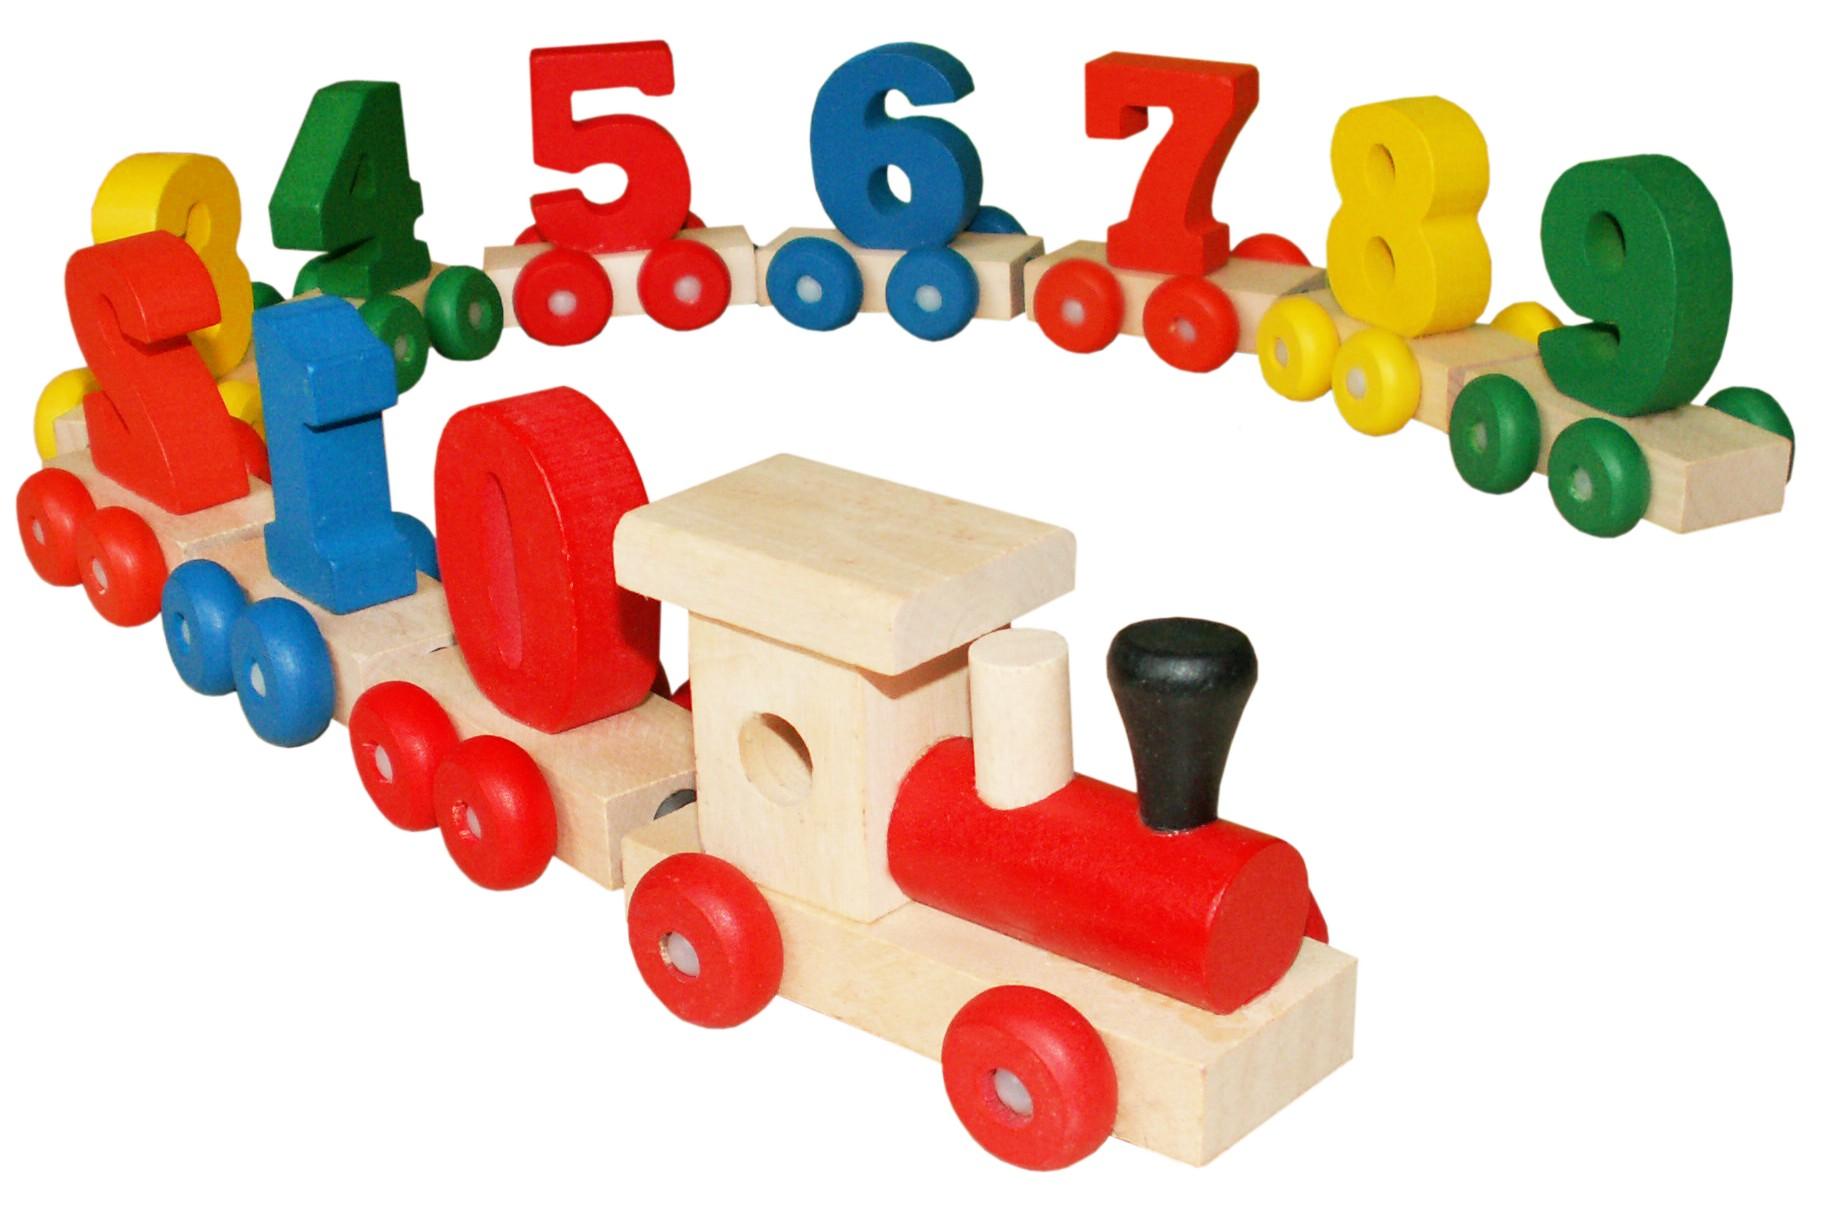 Сбор заказов. Развивающие игрушки из дерева: игровые наборы, конструкторы, лабиринты, музыкальные инструменты, пирамиды, пазлы, шнуровки и многое другое. Выкуп 1